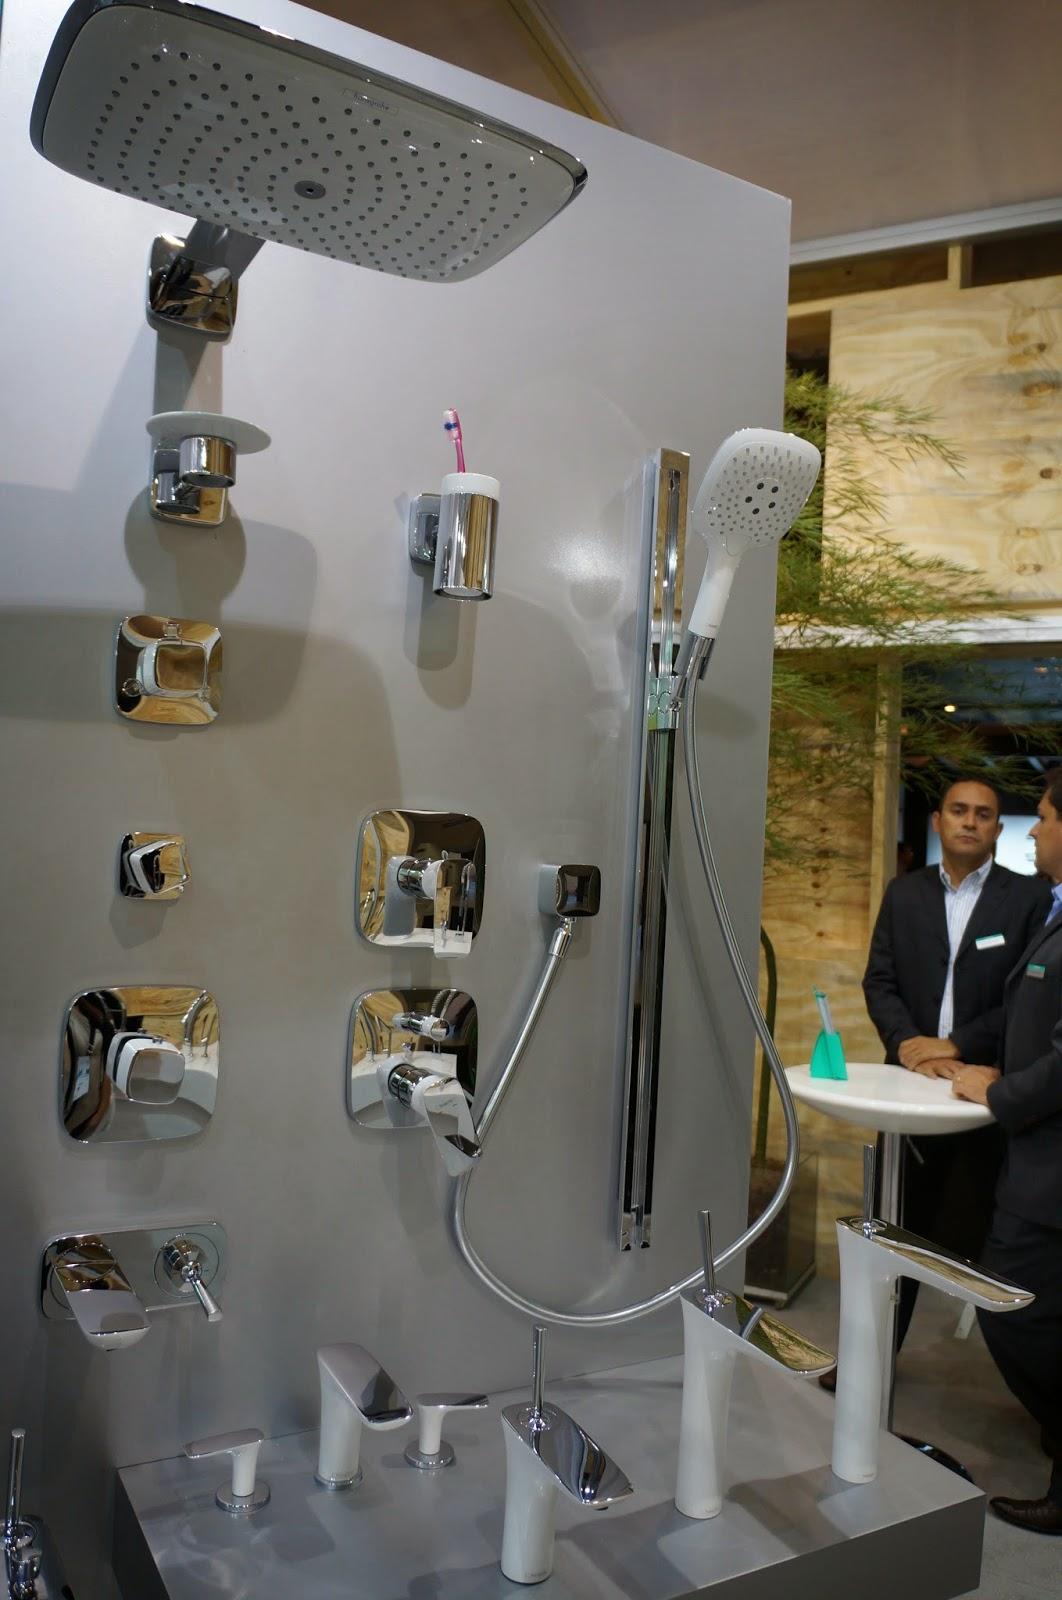 Duchas, chuveiros e misturadores da Hansgrohe - Expo Revestir 2014